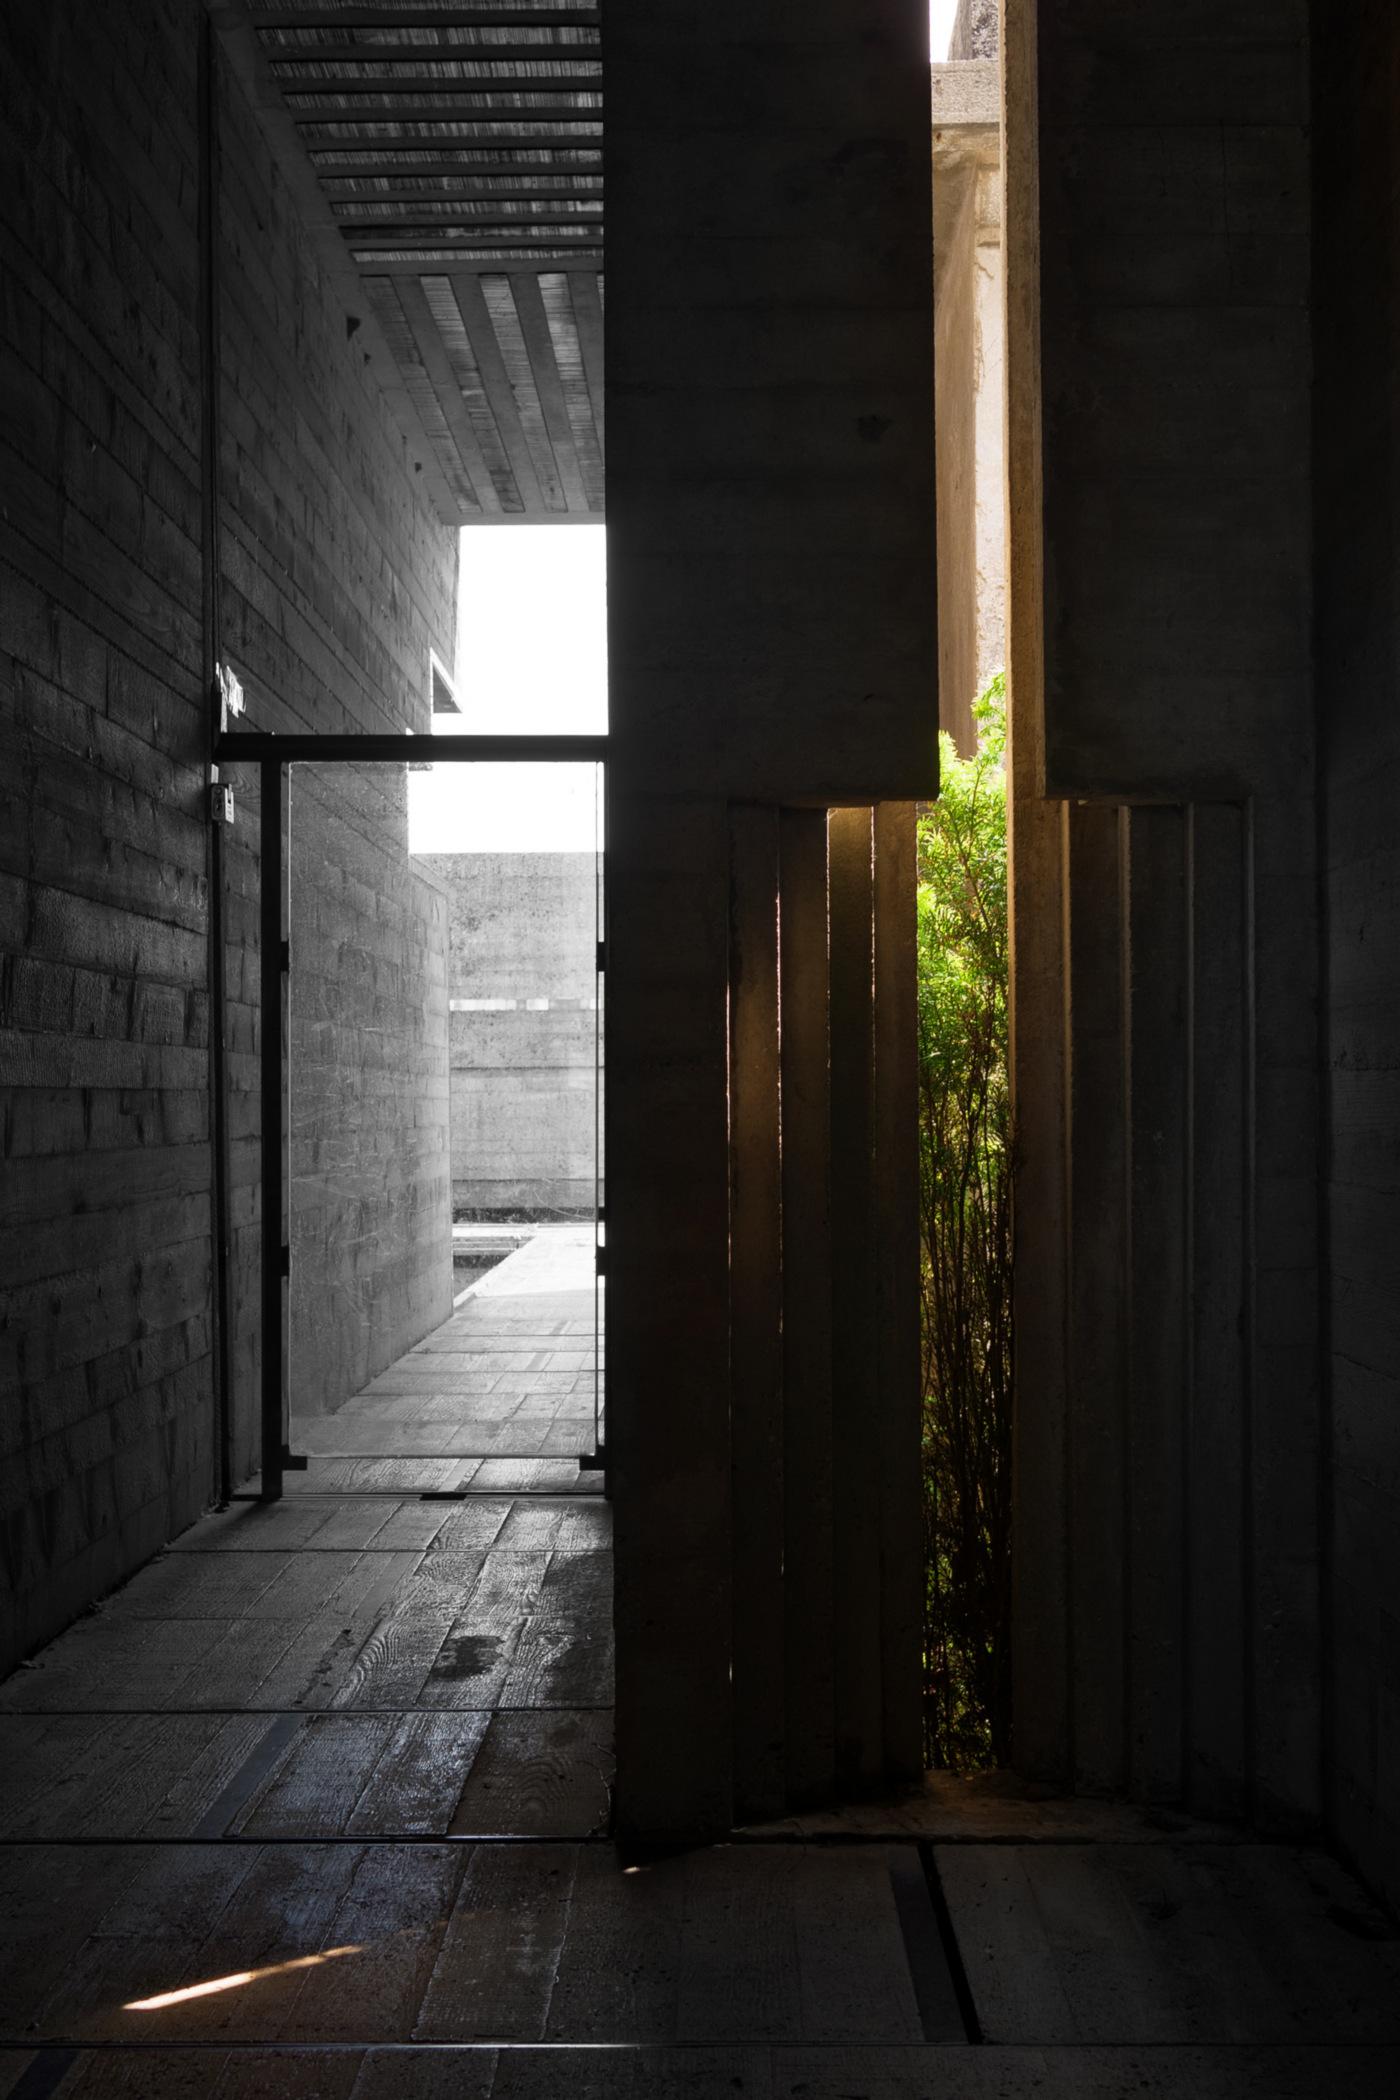 La Tomba Brion di Carlo Scarpa nelle fotografie di Carlo Deregibus | isola undicesima